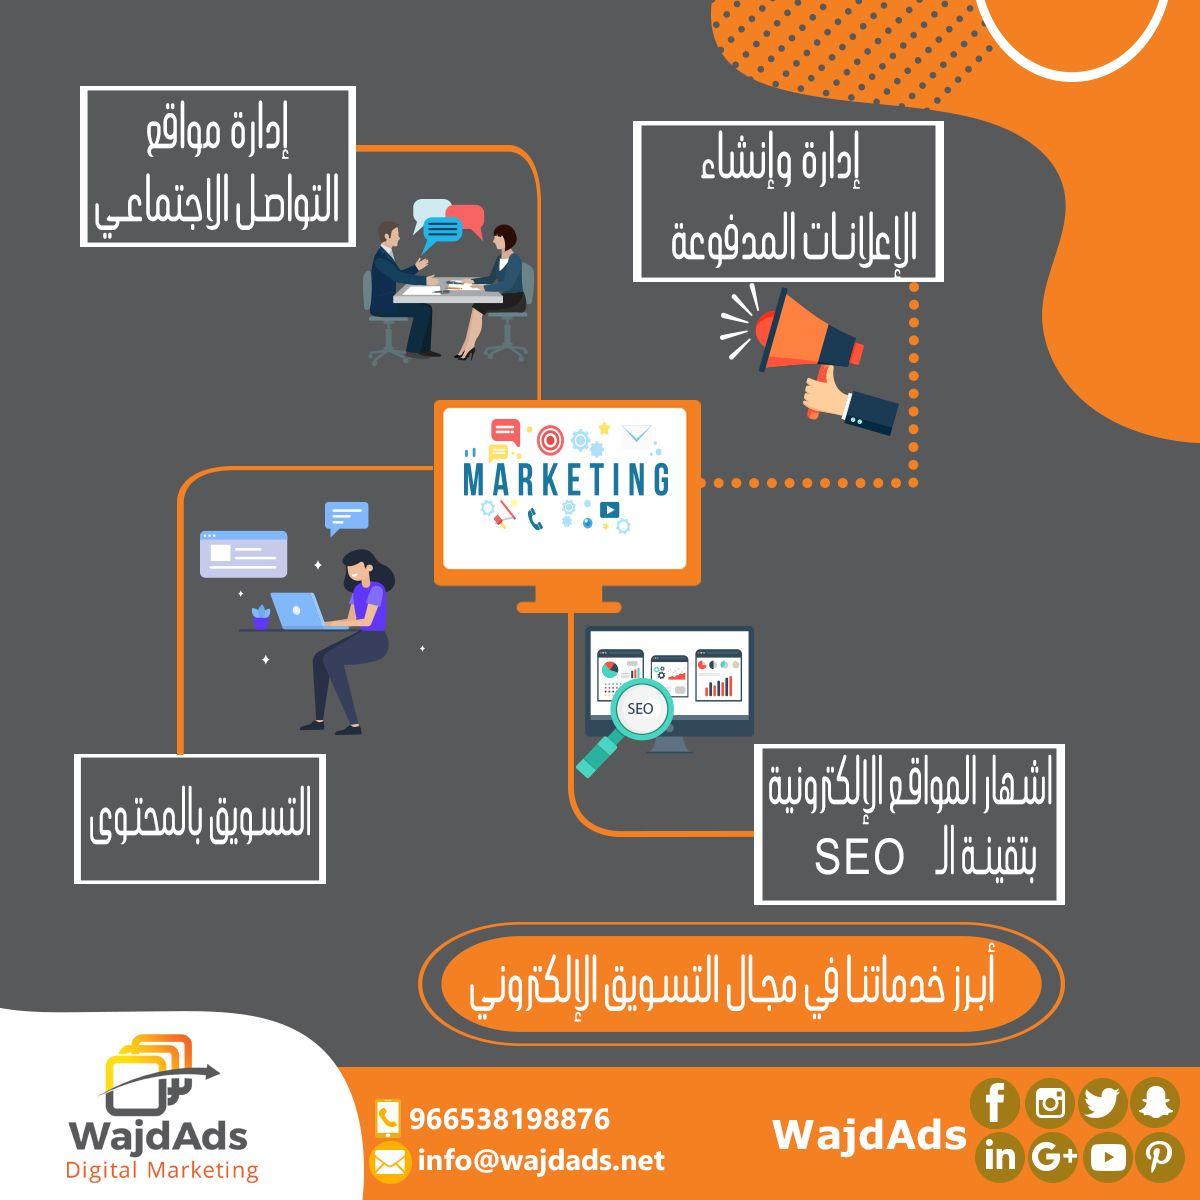 خدمات التسويق الالكتروني في Wajdads 1 إدارة وإنشاء صفحات مواقع التواصل الاجتماعي 2 اعلانات السوشيال ميديا 3 Postcard Design Digital Marketing Seo Marketing